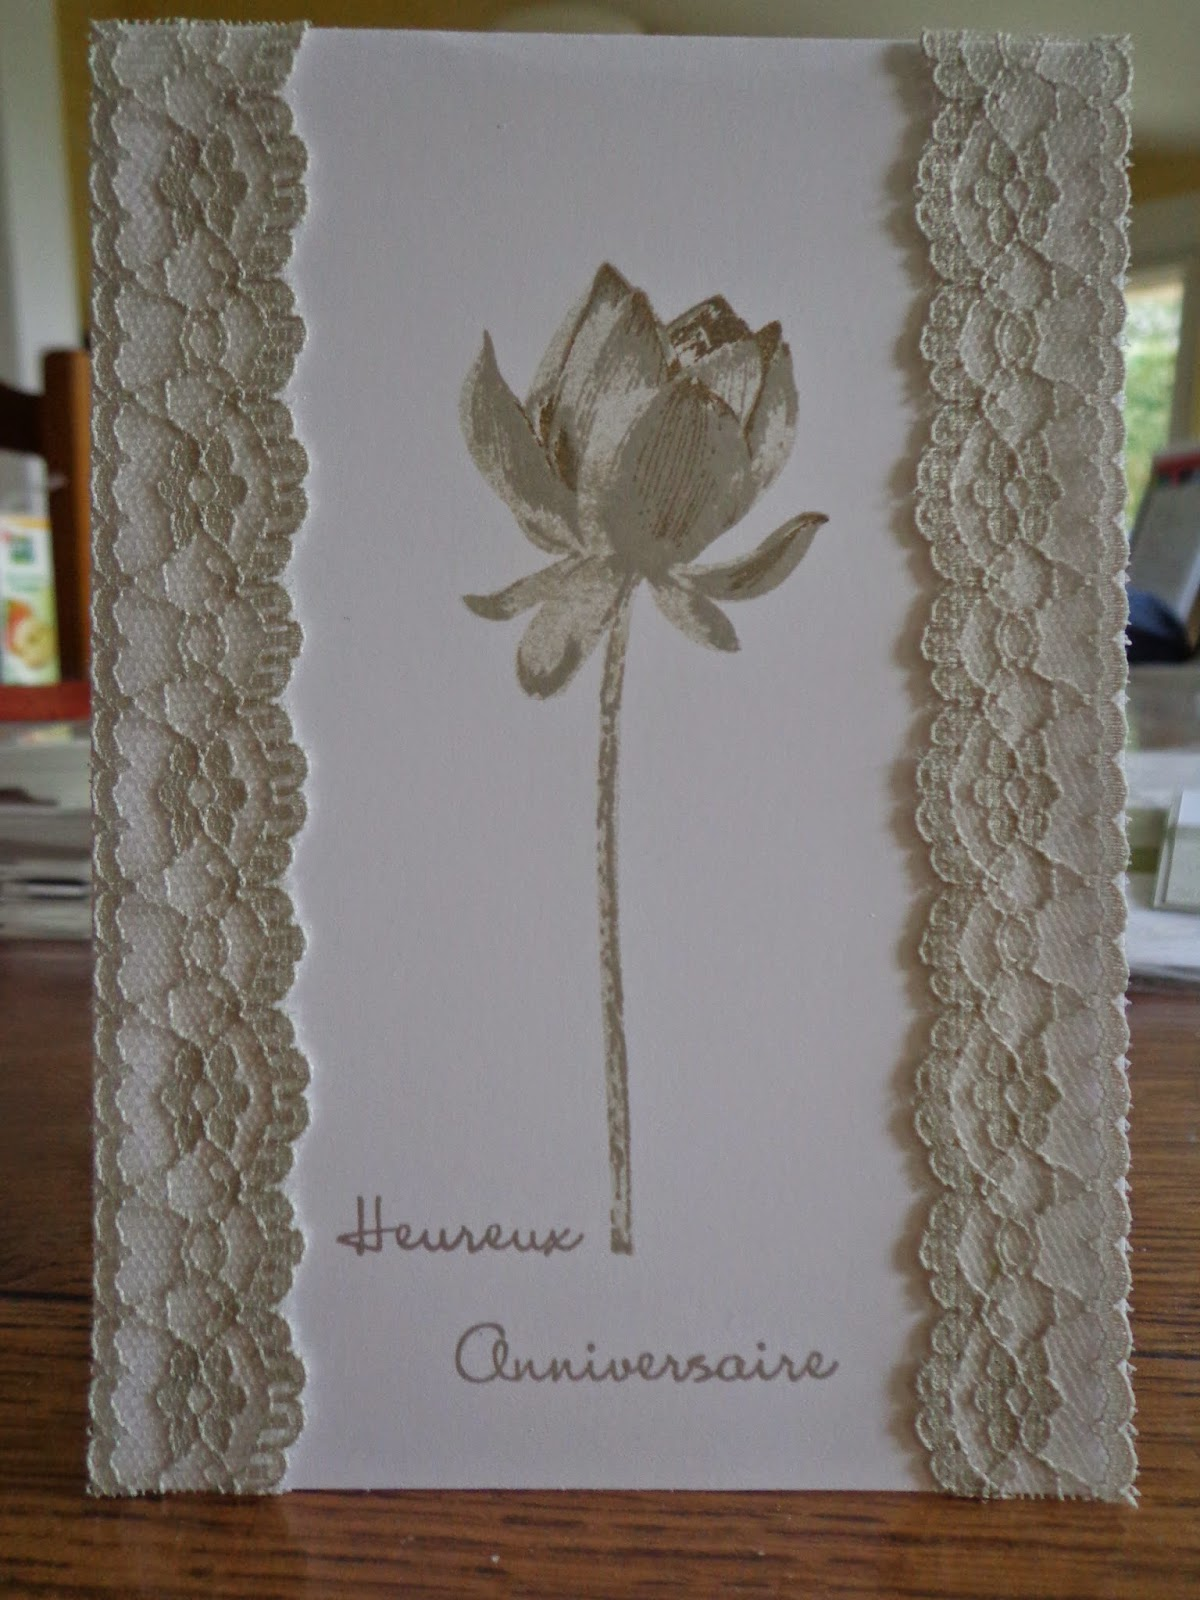 Muriel D Loisirs Creatifs Joyeux Anniversaire Veronique